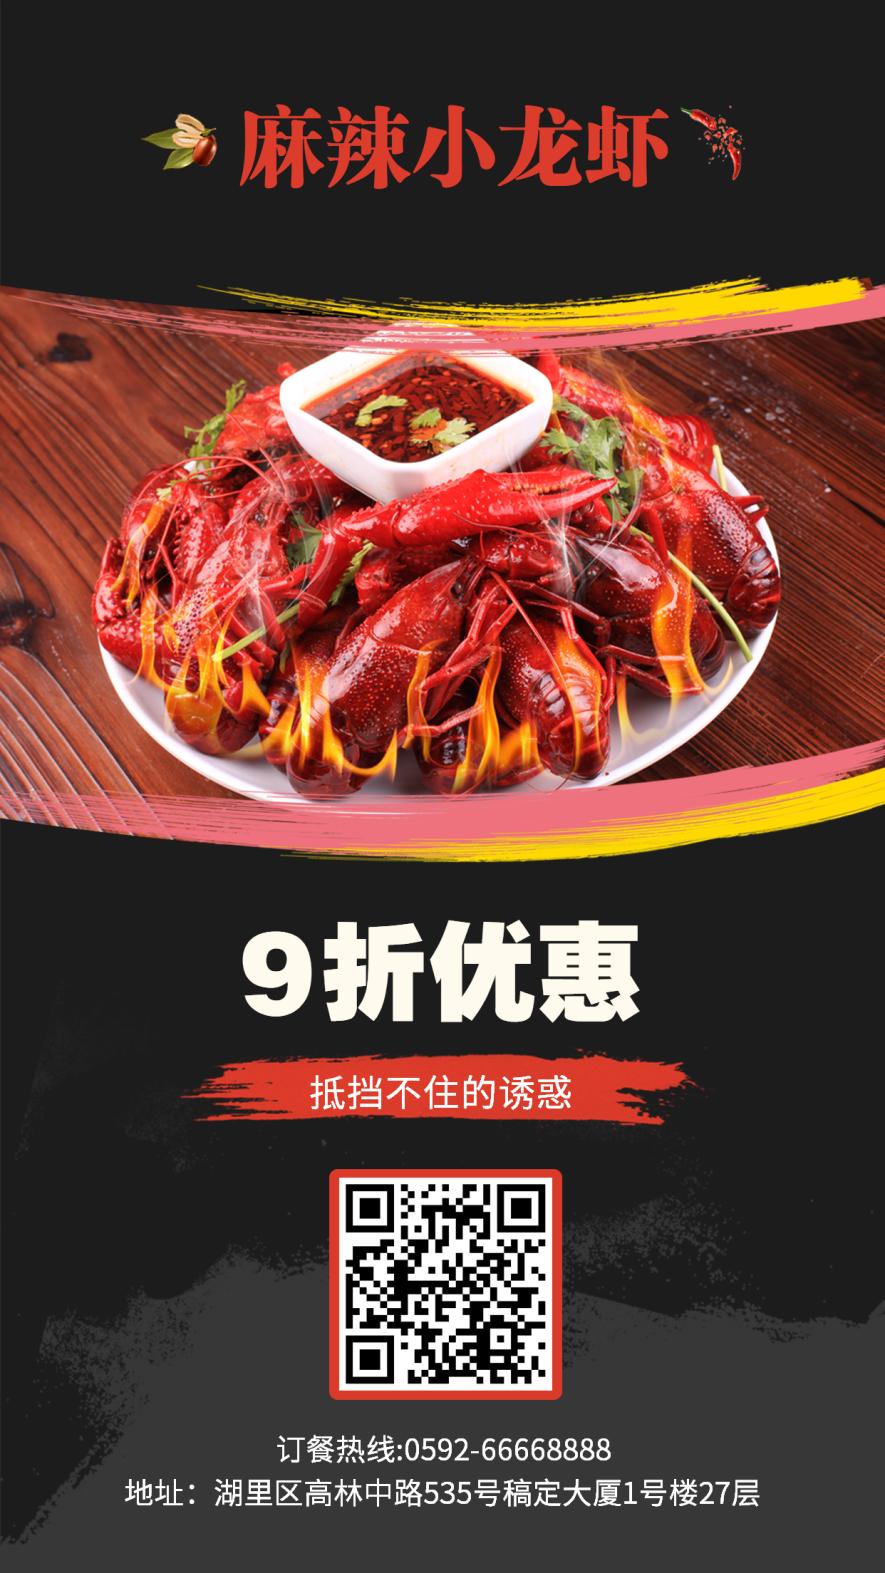 宵夜/小龙虾/手机海报